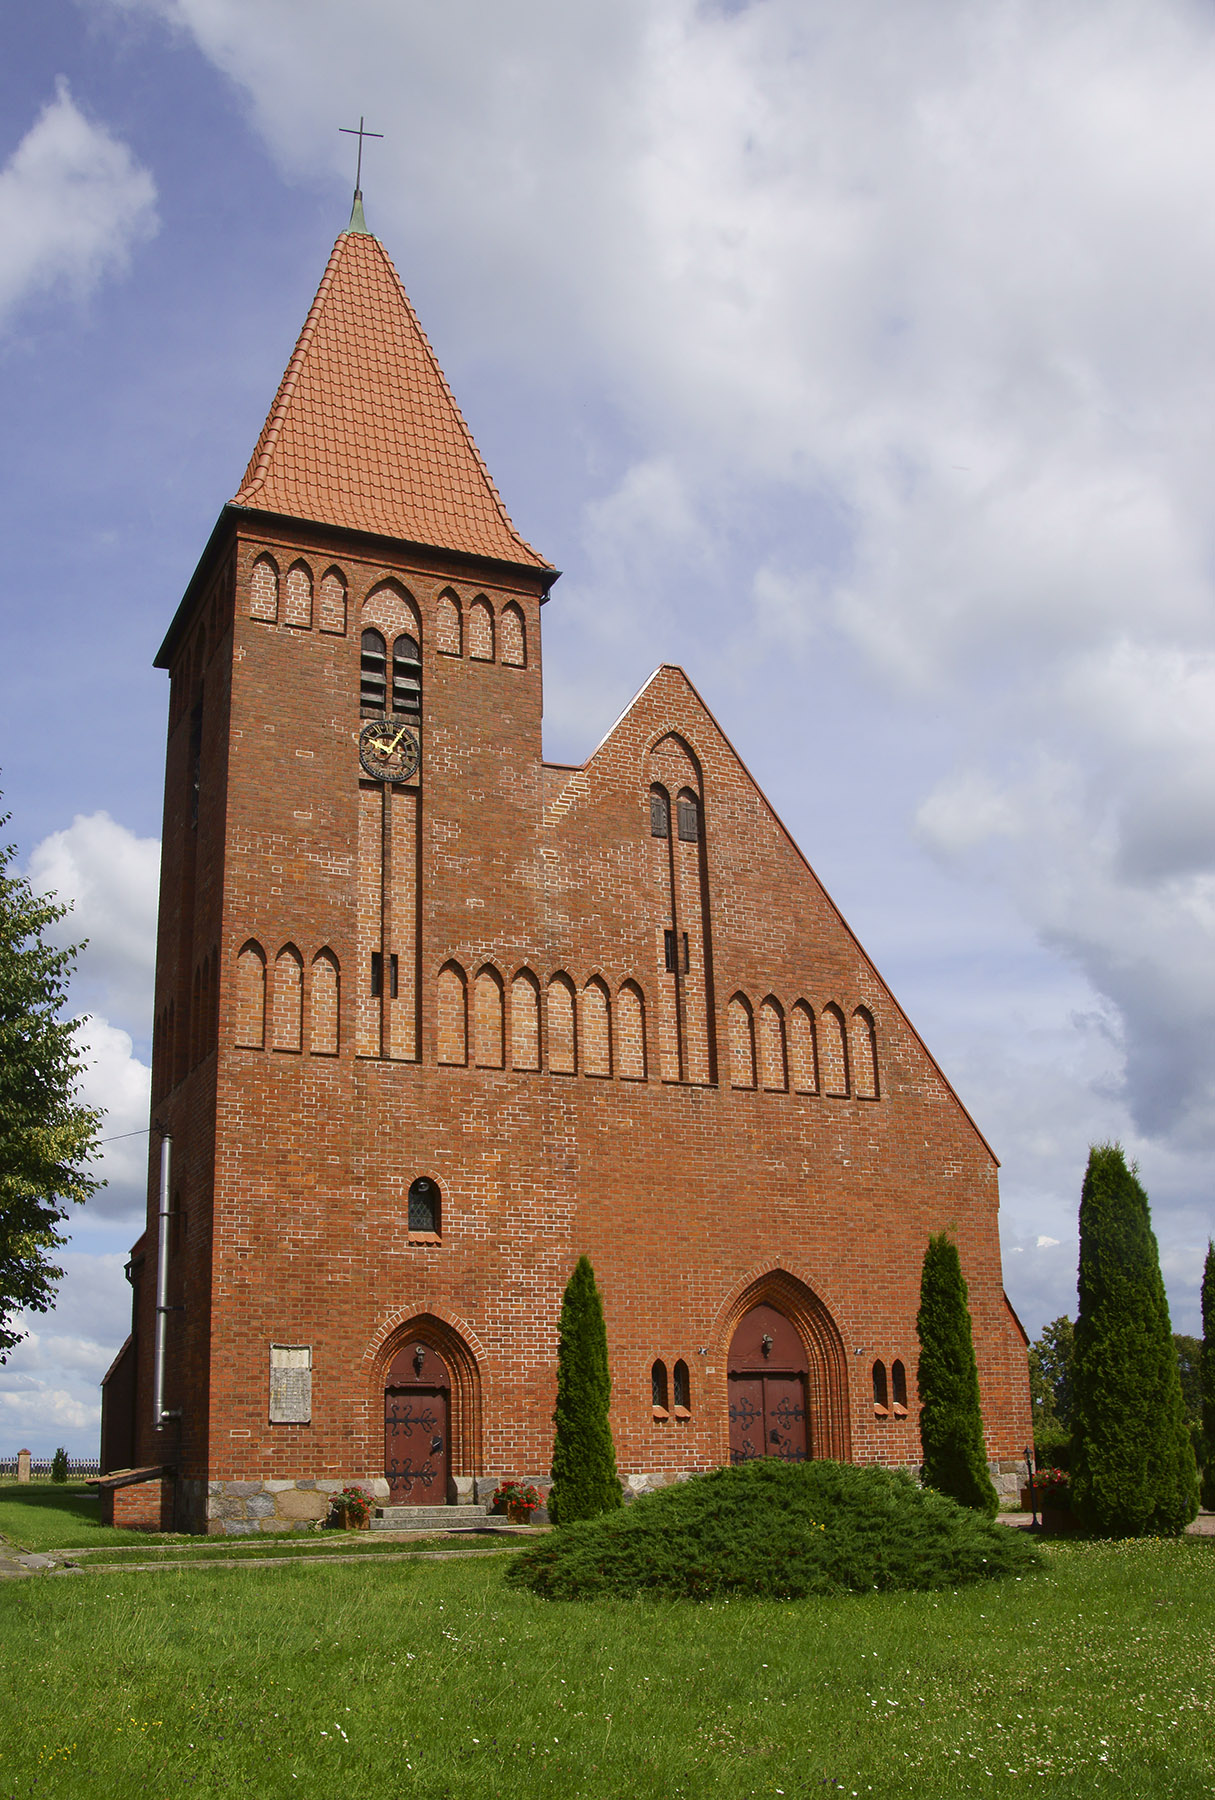 Jubileuszowy (zbudowany z okazji 200-lecia koronacji pierwszego króla w Prusach – 1901 r.) kościół w Olszewie Węgorzewskim – obecnie świątynia katolicka pod wezwaniem Podniesienia Krzyża Świętego